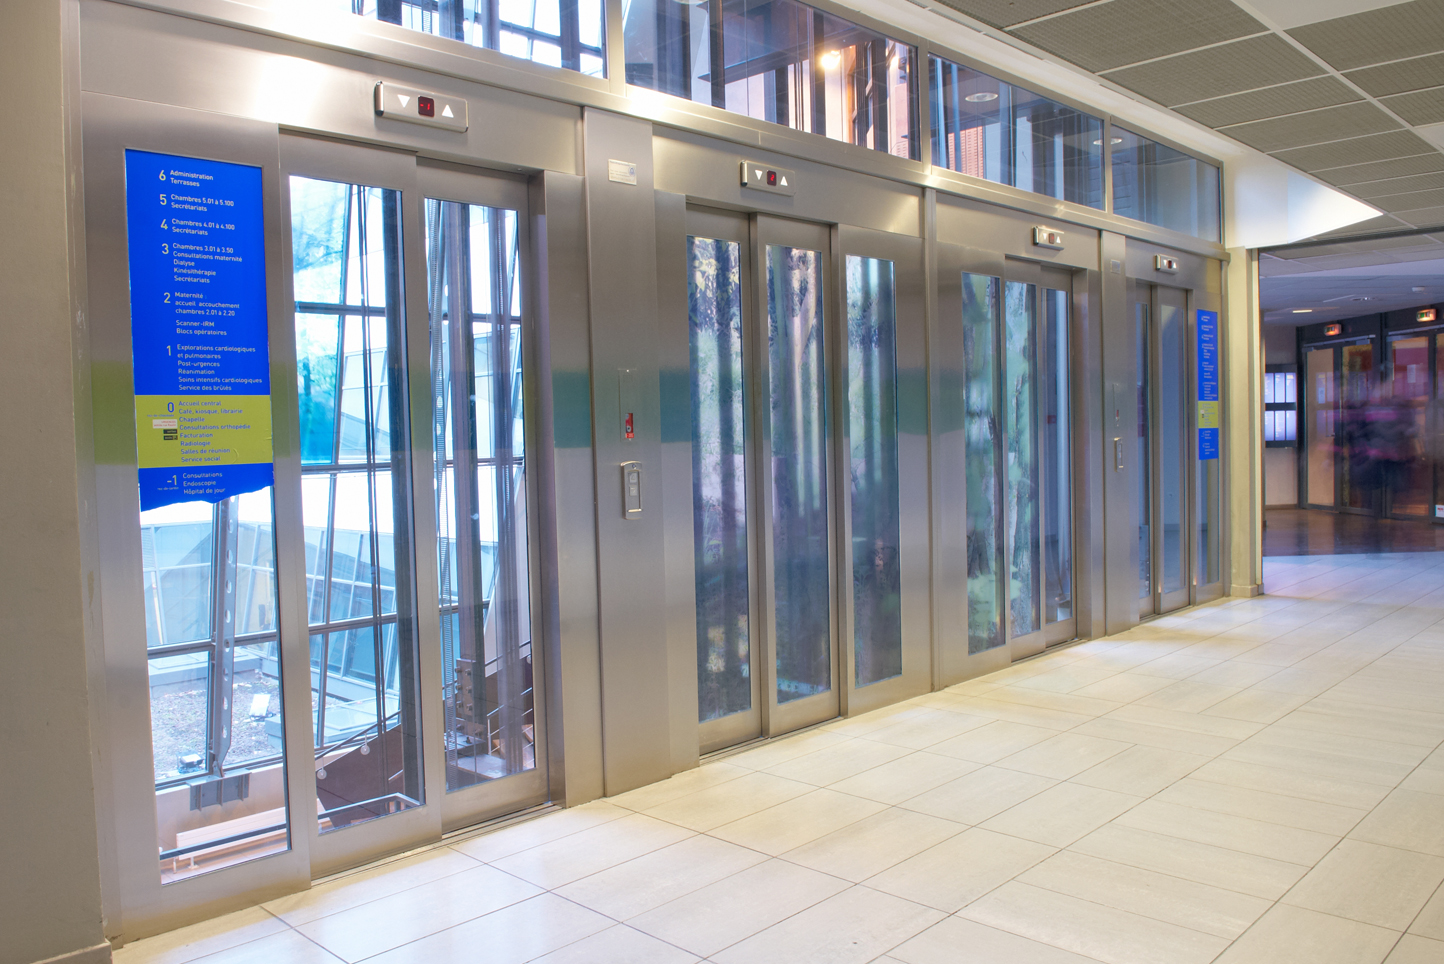 portes-ascenseur-hopital-saint-luc